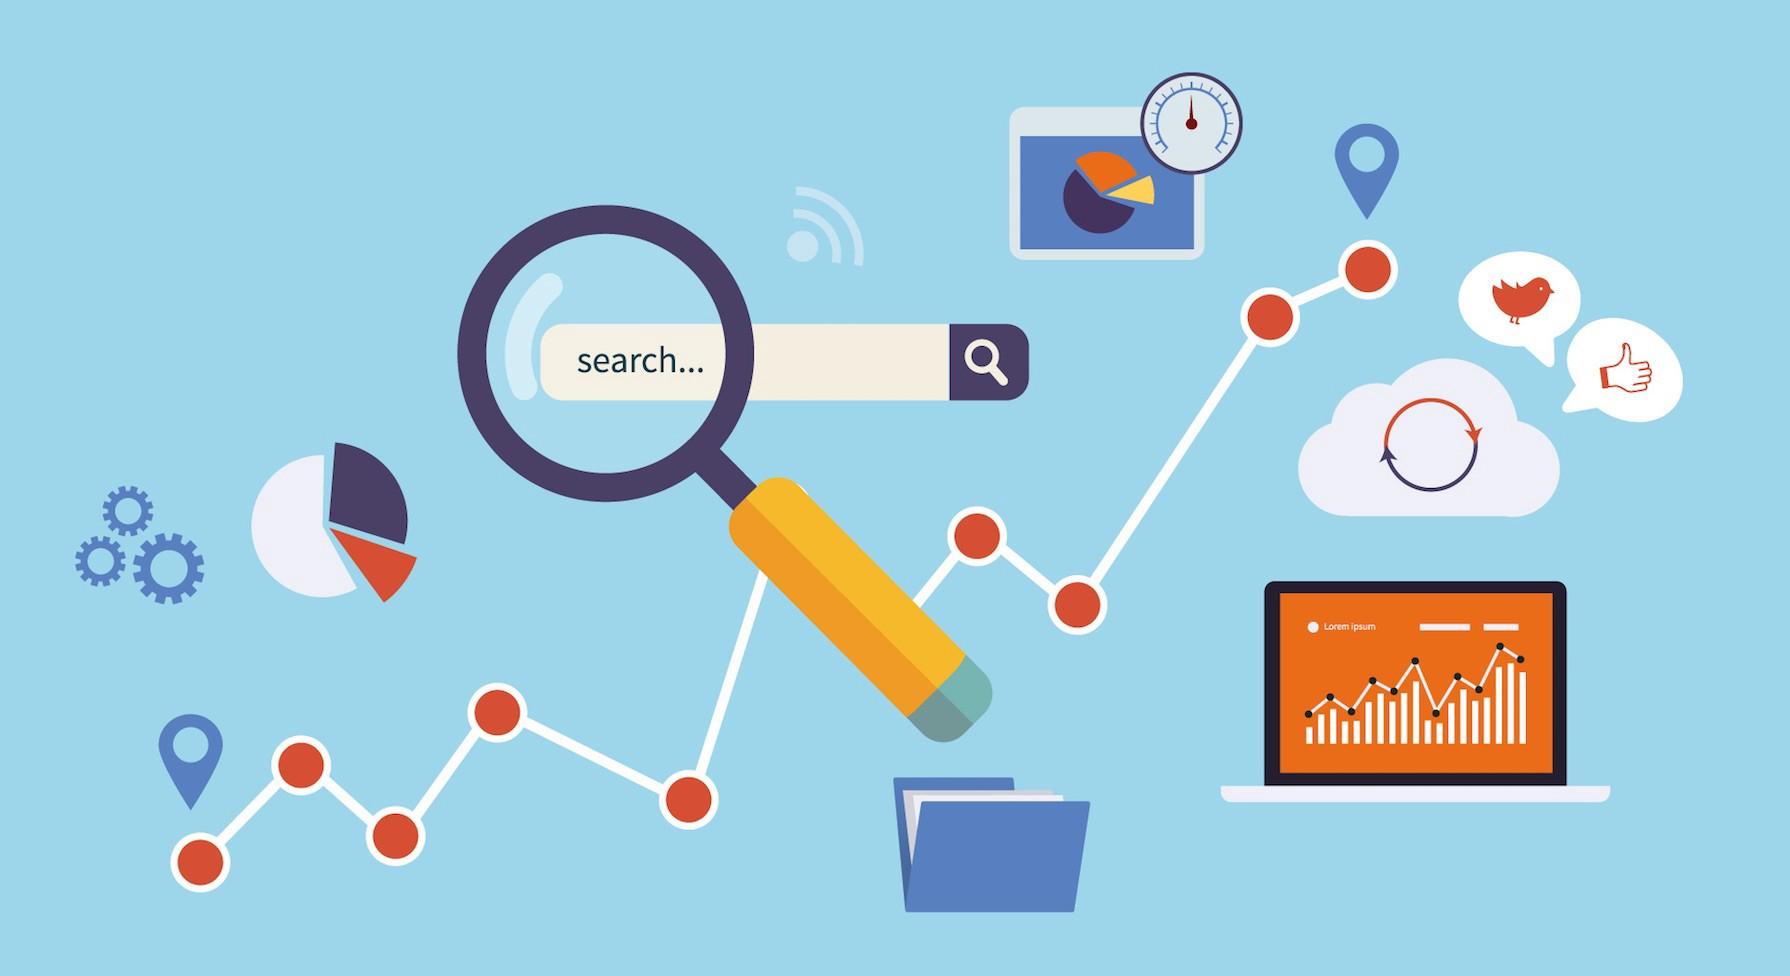 7 Thủ thuật SEO giúp tăng thứ hạng và thu hút khách hàng tiềm năng